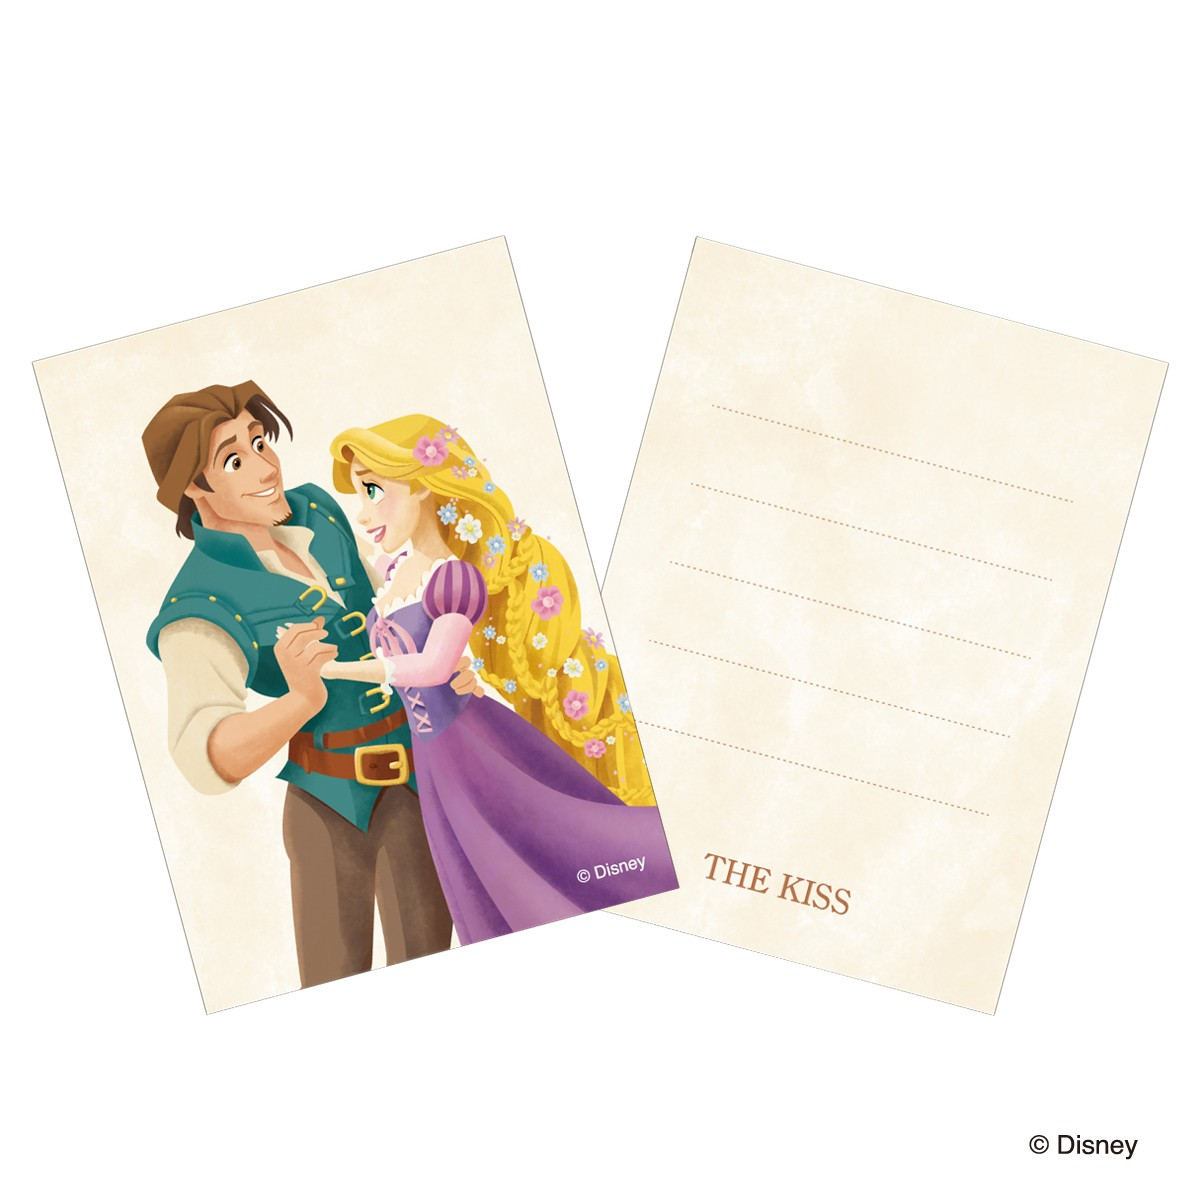 ディズニー ラプンツェル ネックレス ディズニープリンセス アクセサリー Disney rapunzel THE KISS ザキス ザキッス プレゼント 20代 30代 彼女 誕生日 記念日 DI-SN2410CB